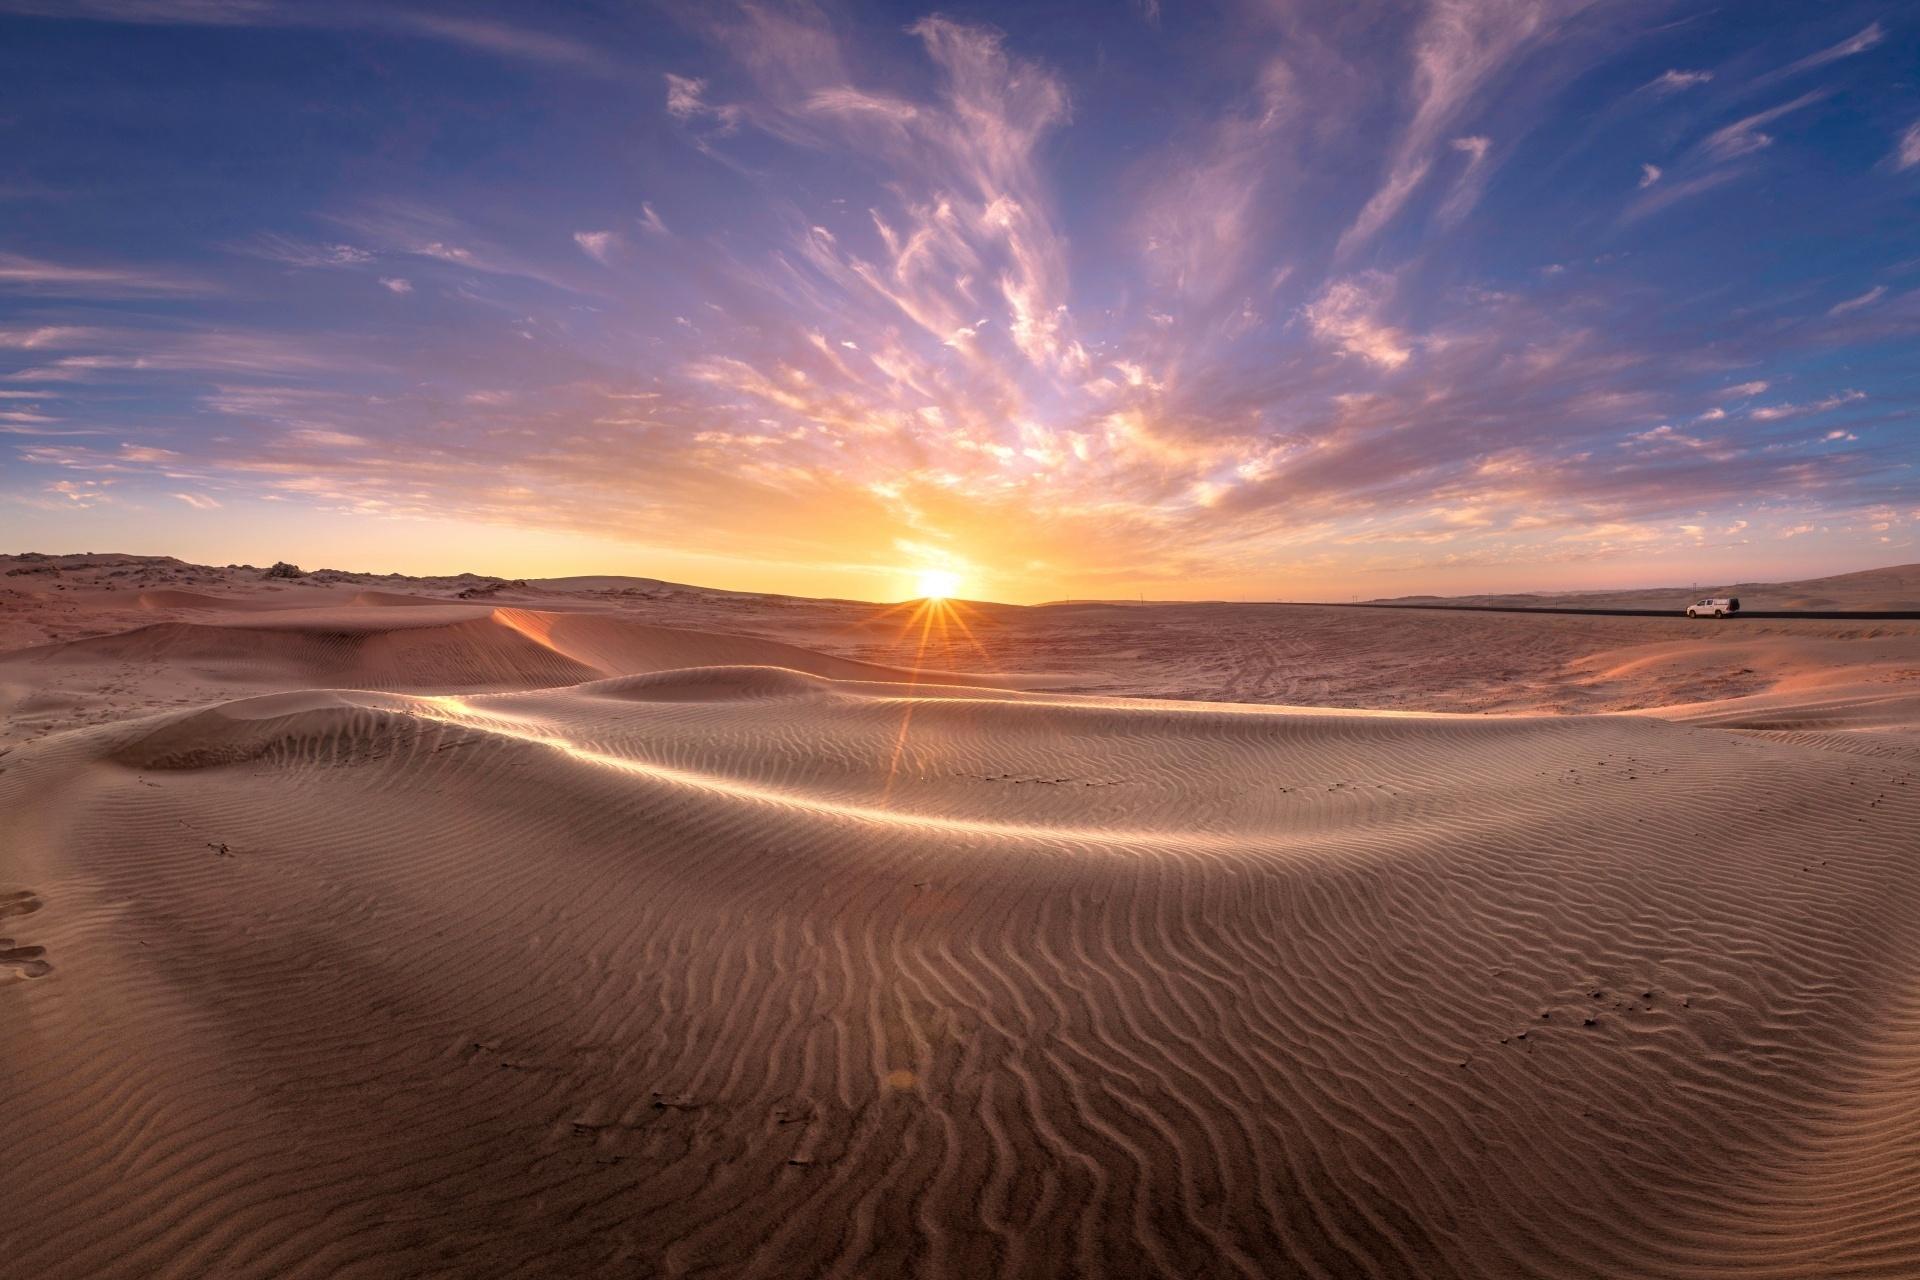 ナミブ砂漠に沈む夕日 ナミビア